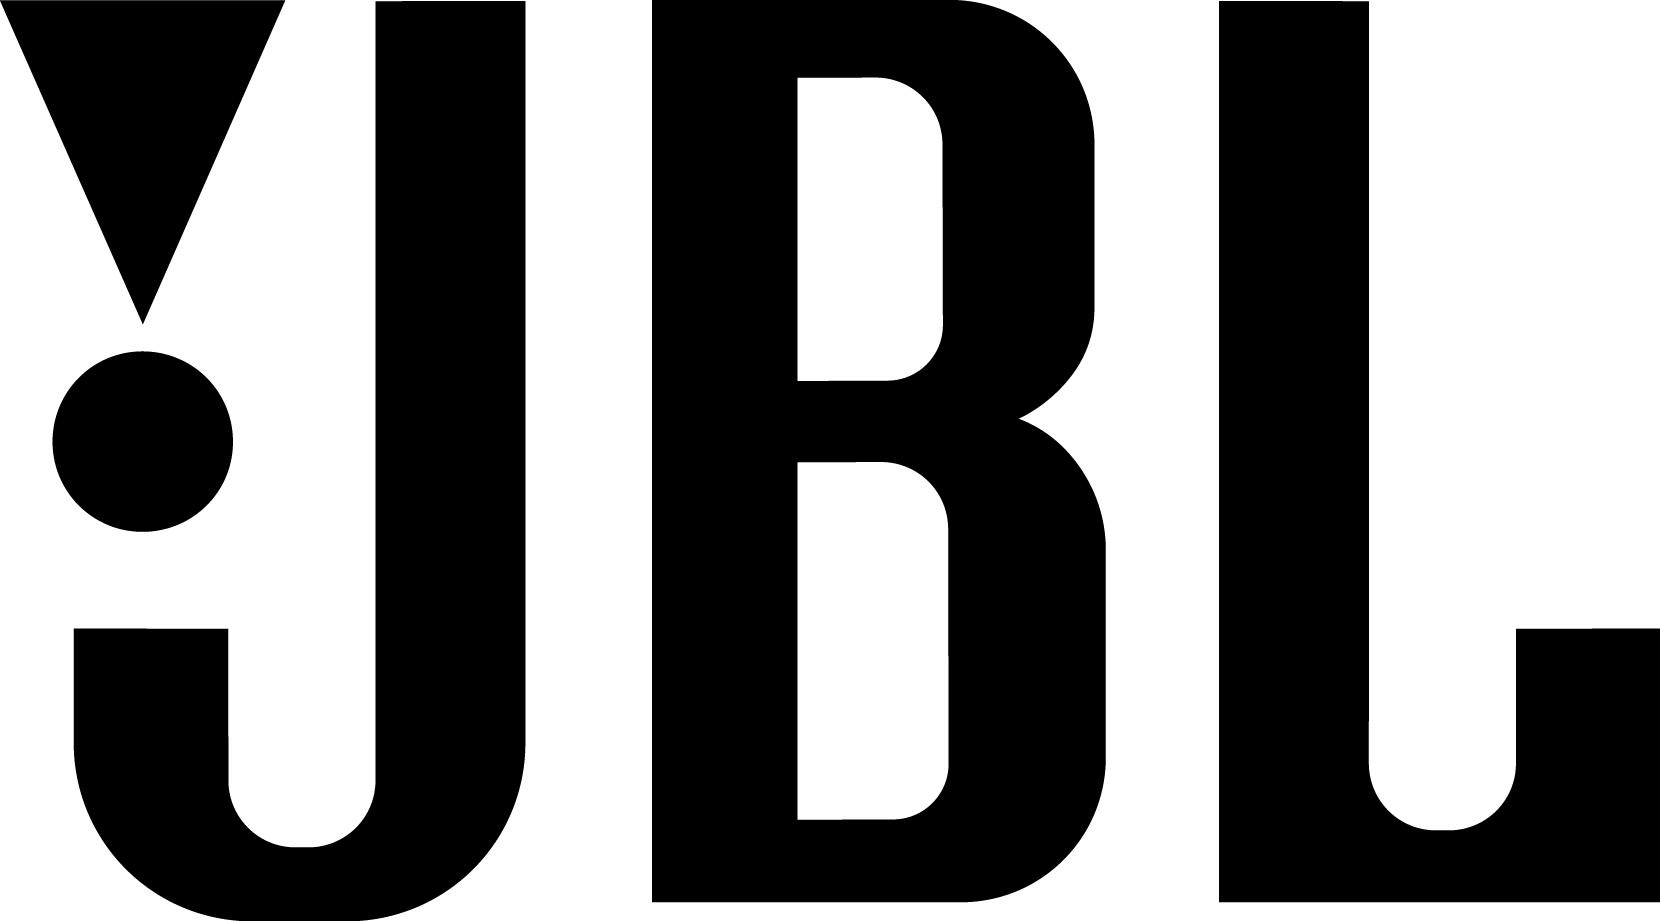 JBL Logo Wallpaper